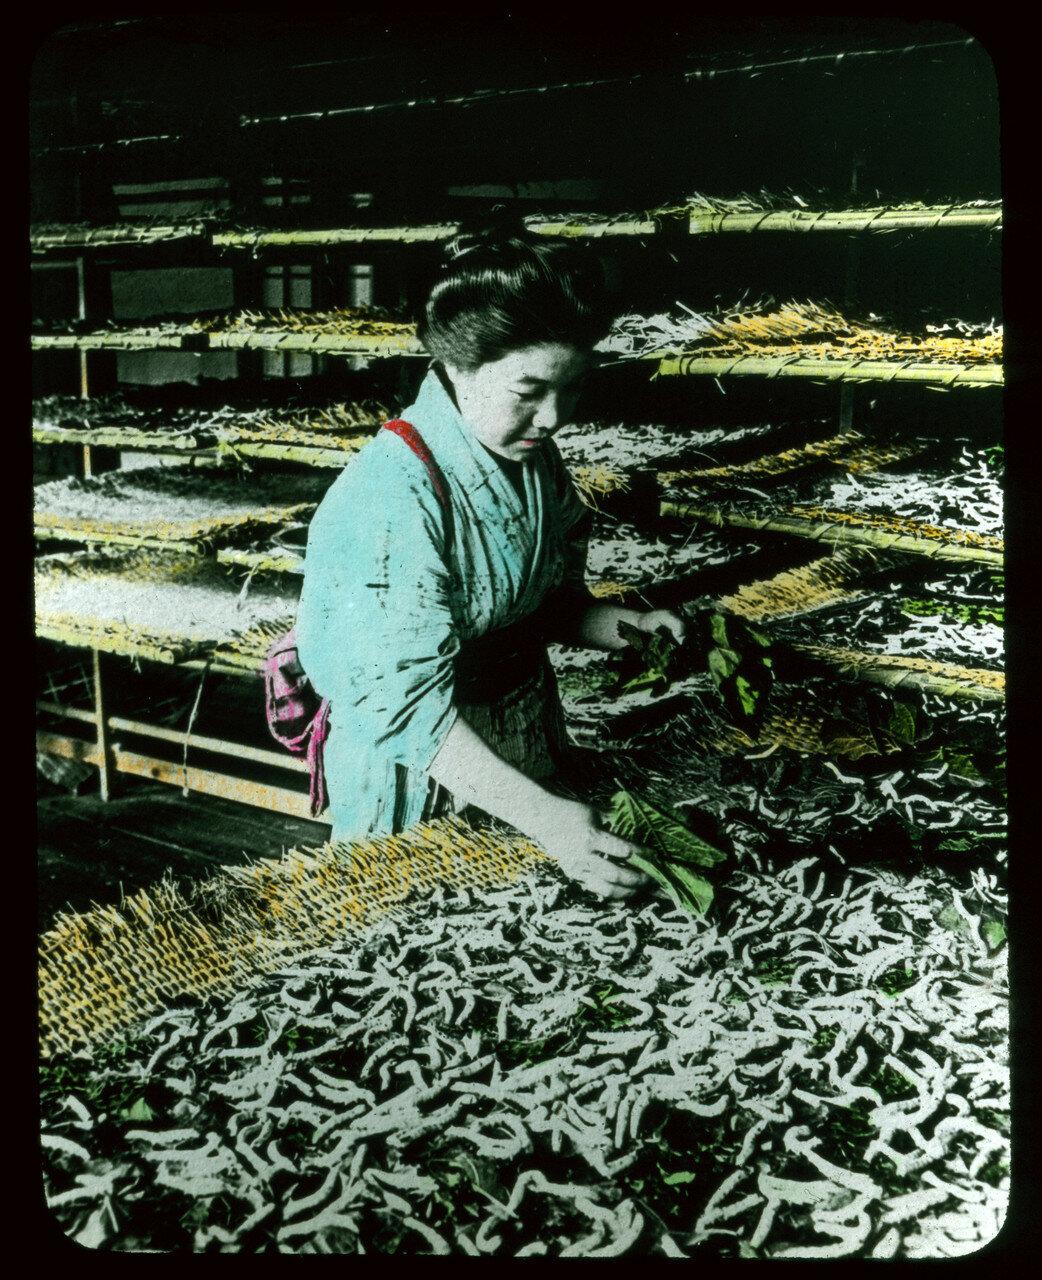 Сбор коконов шелковичных червей